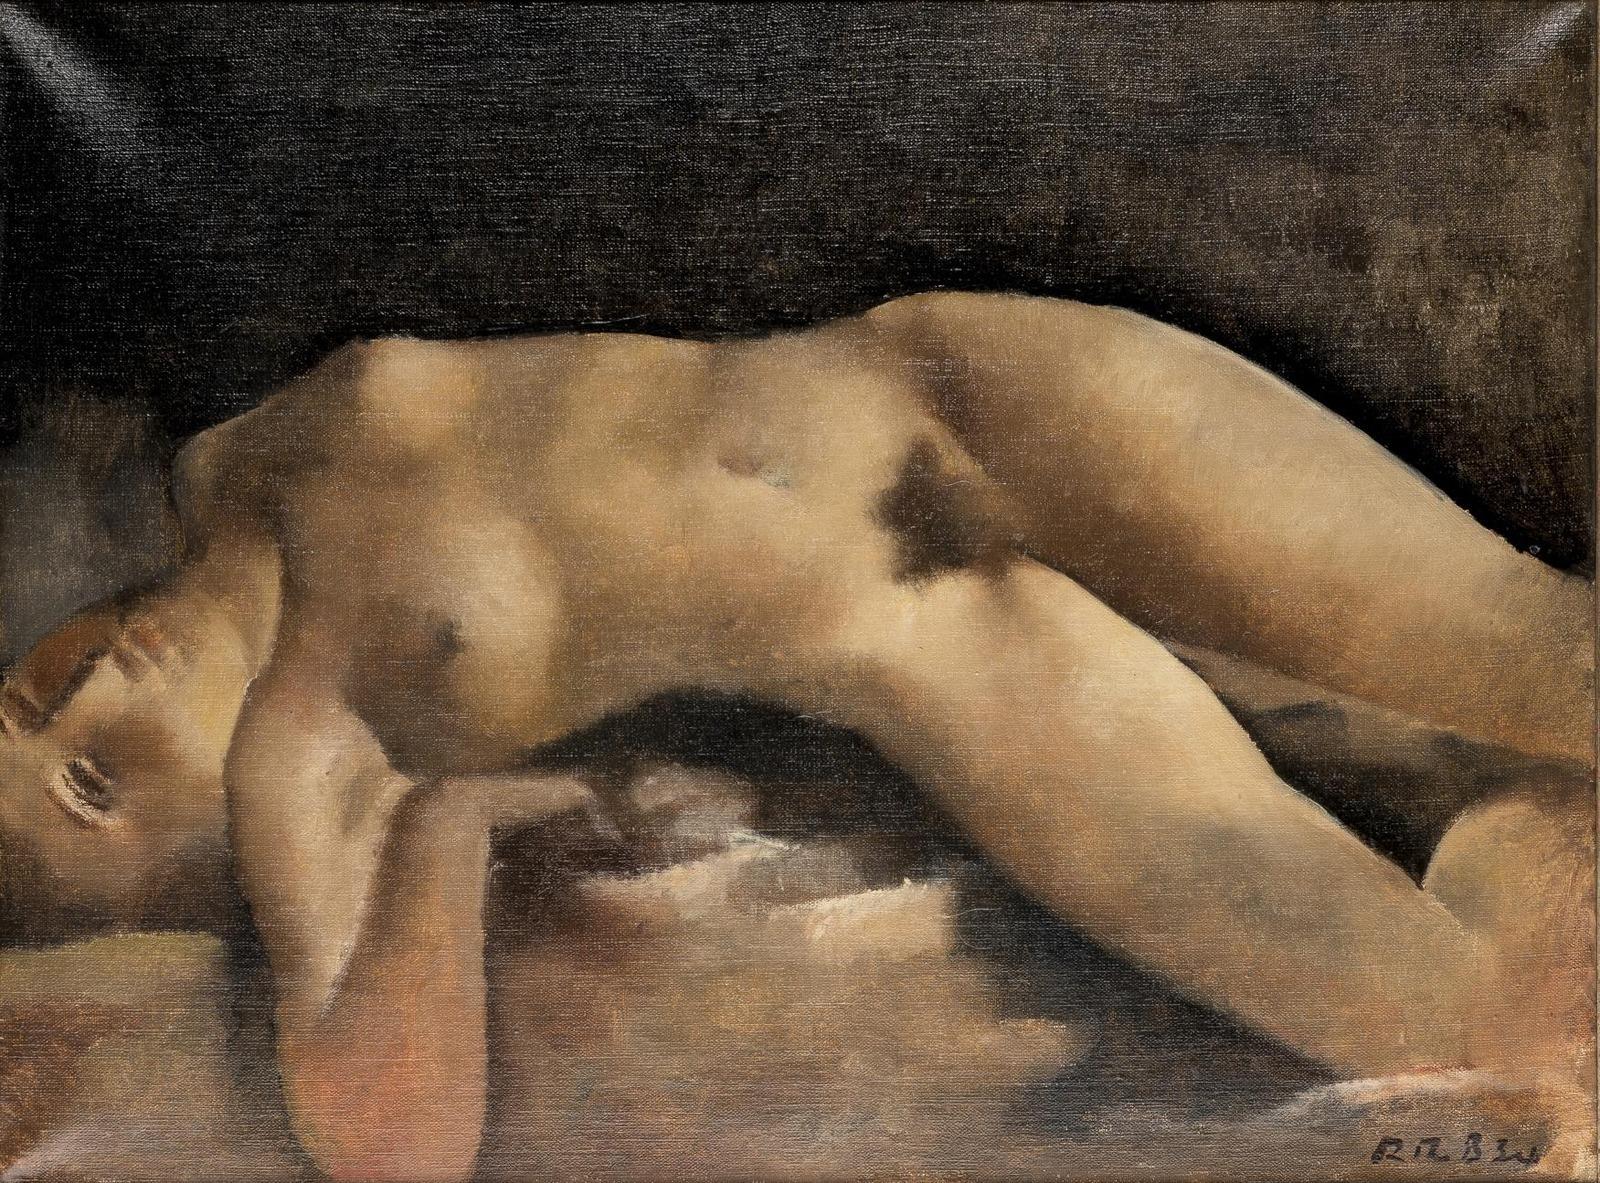 Рудольф-Теофил Босхард. 1934. Большая обнаженная (Grand nu couche). 46 х 61. Холст, масло. Частное собрание.